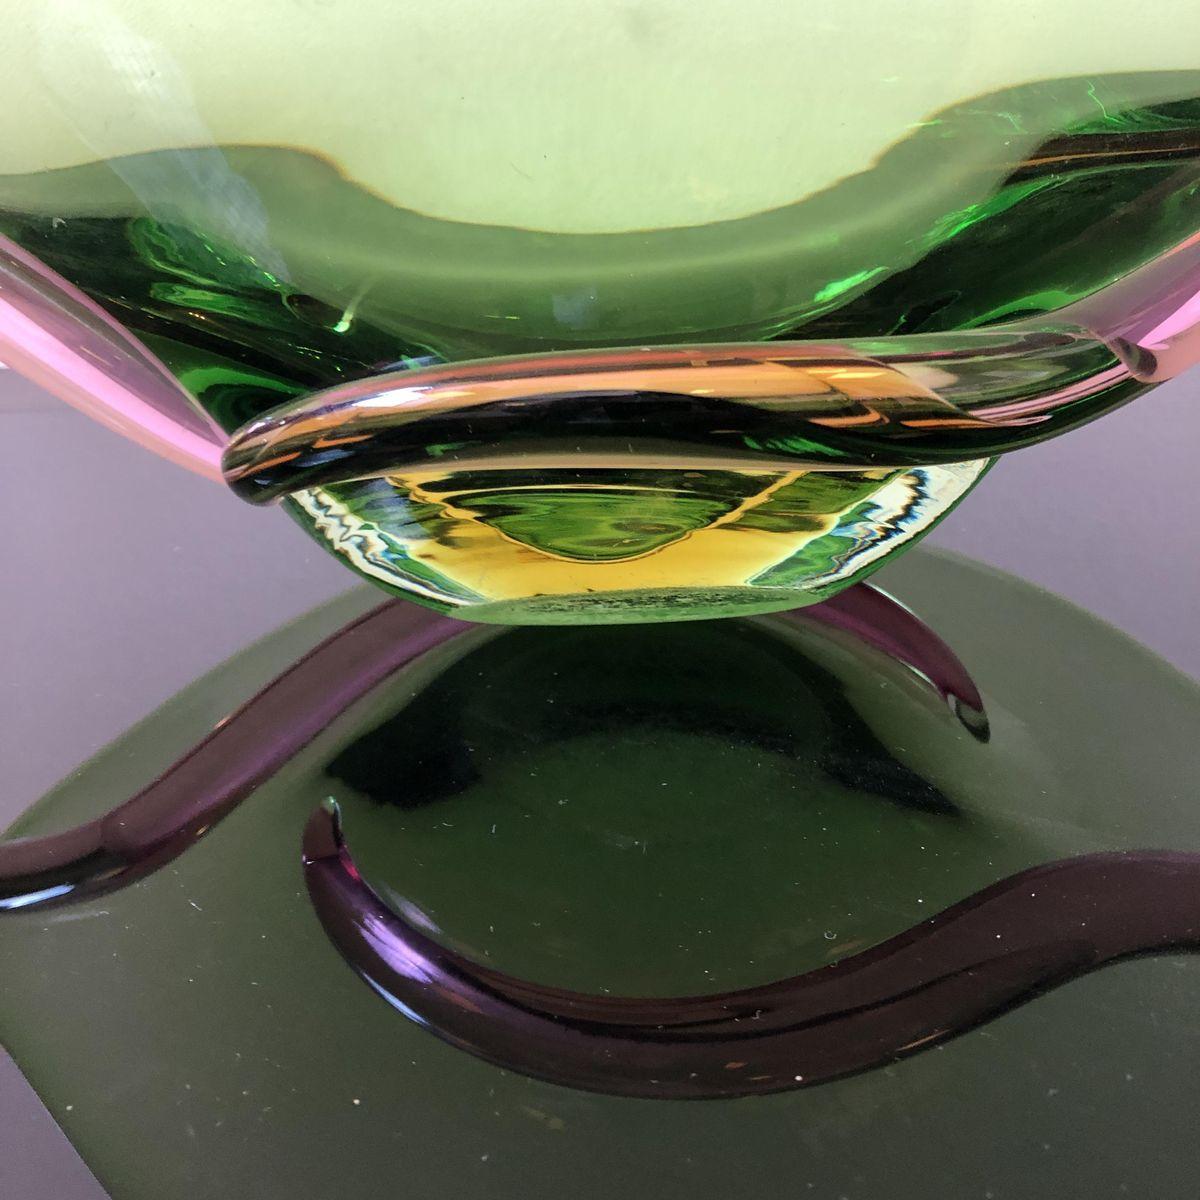 Centrotavola Mid-Century moderno in vetro di Murano verde ...